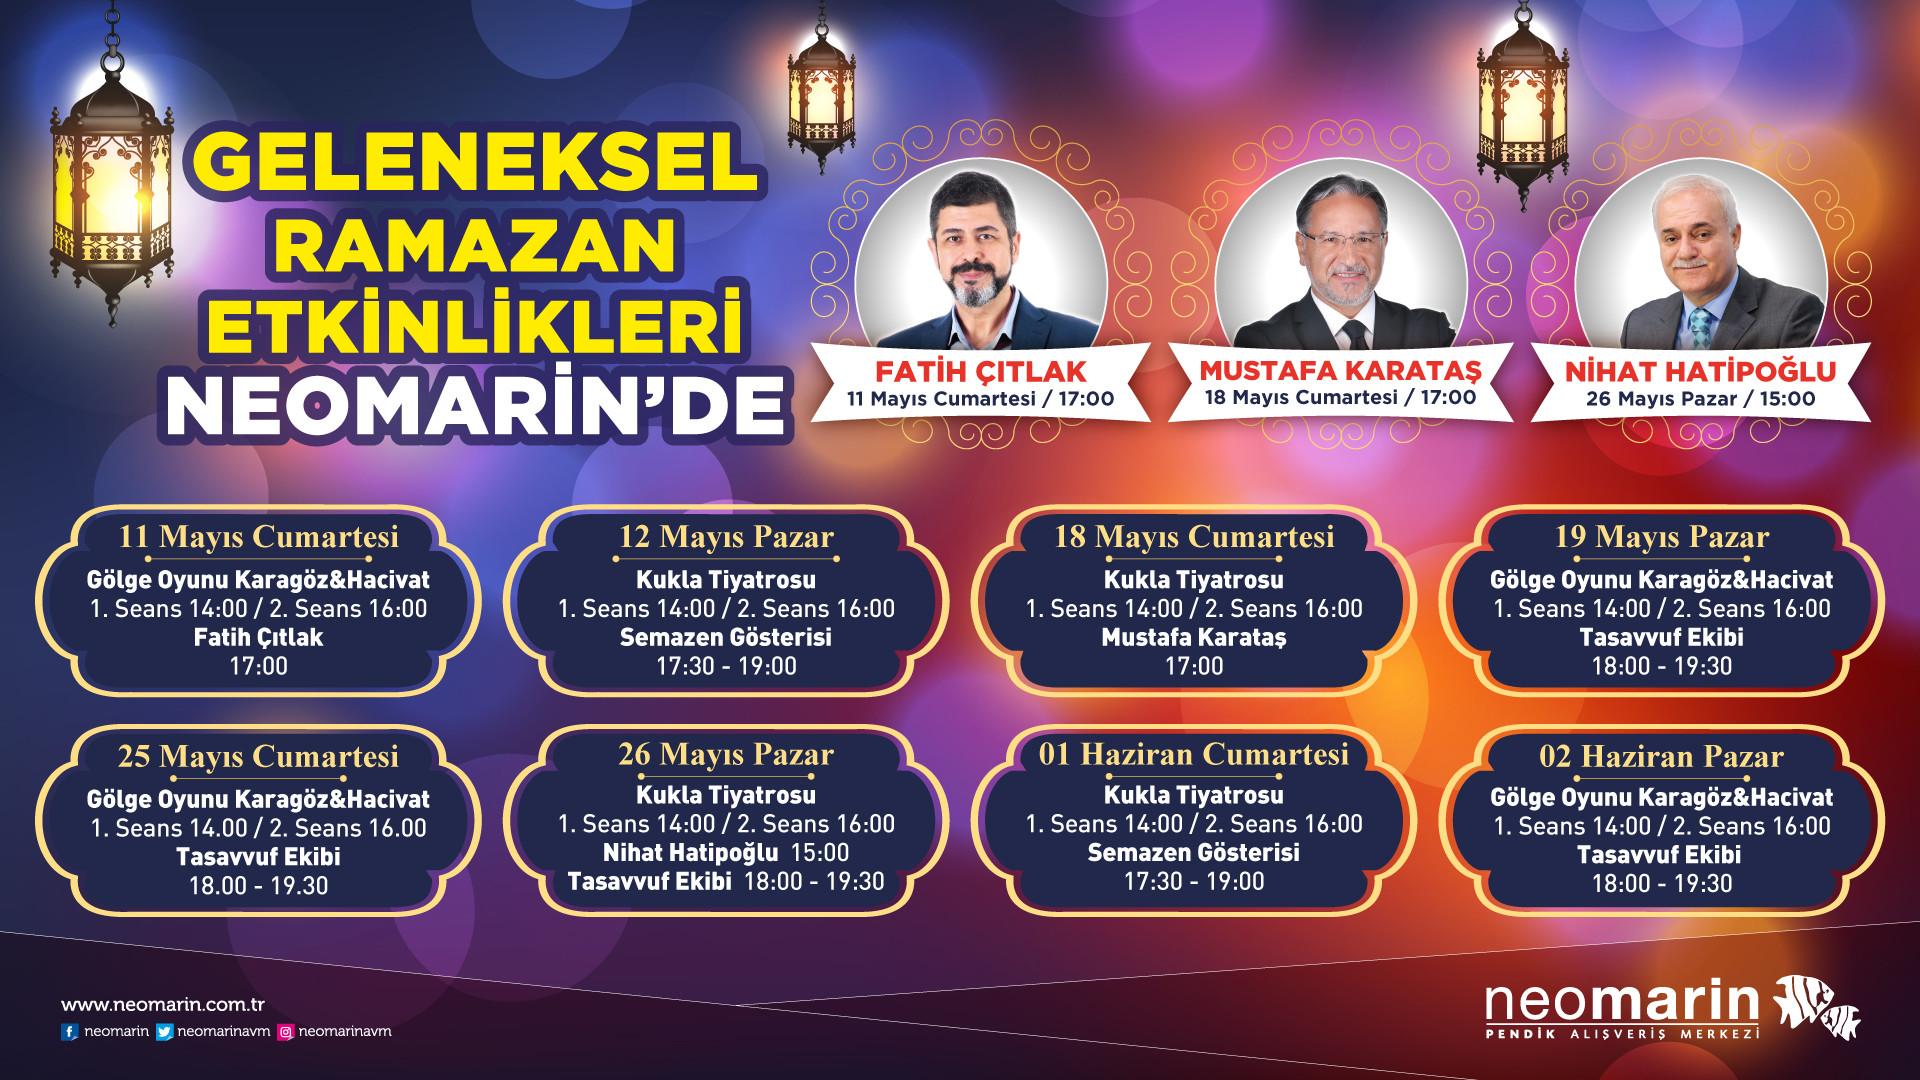 Geleneksel Ramazan Etkinlikleri